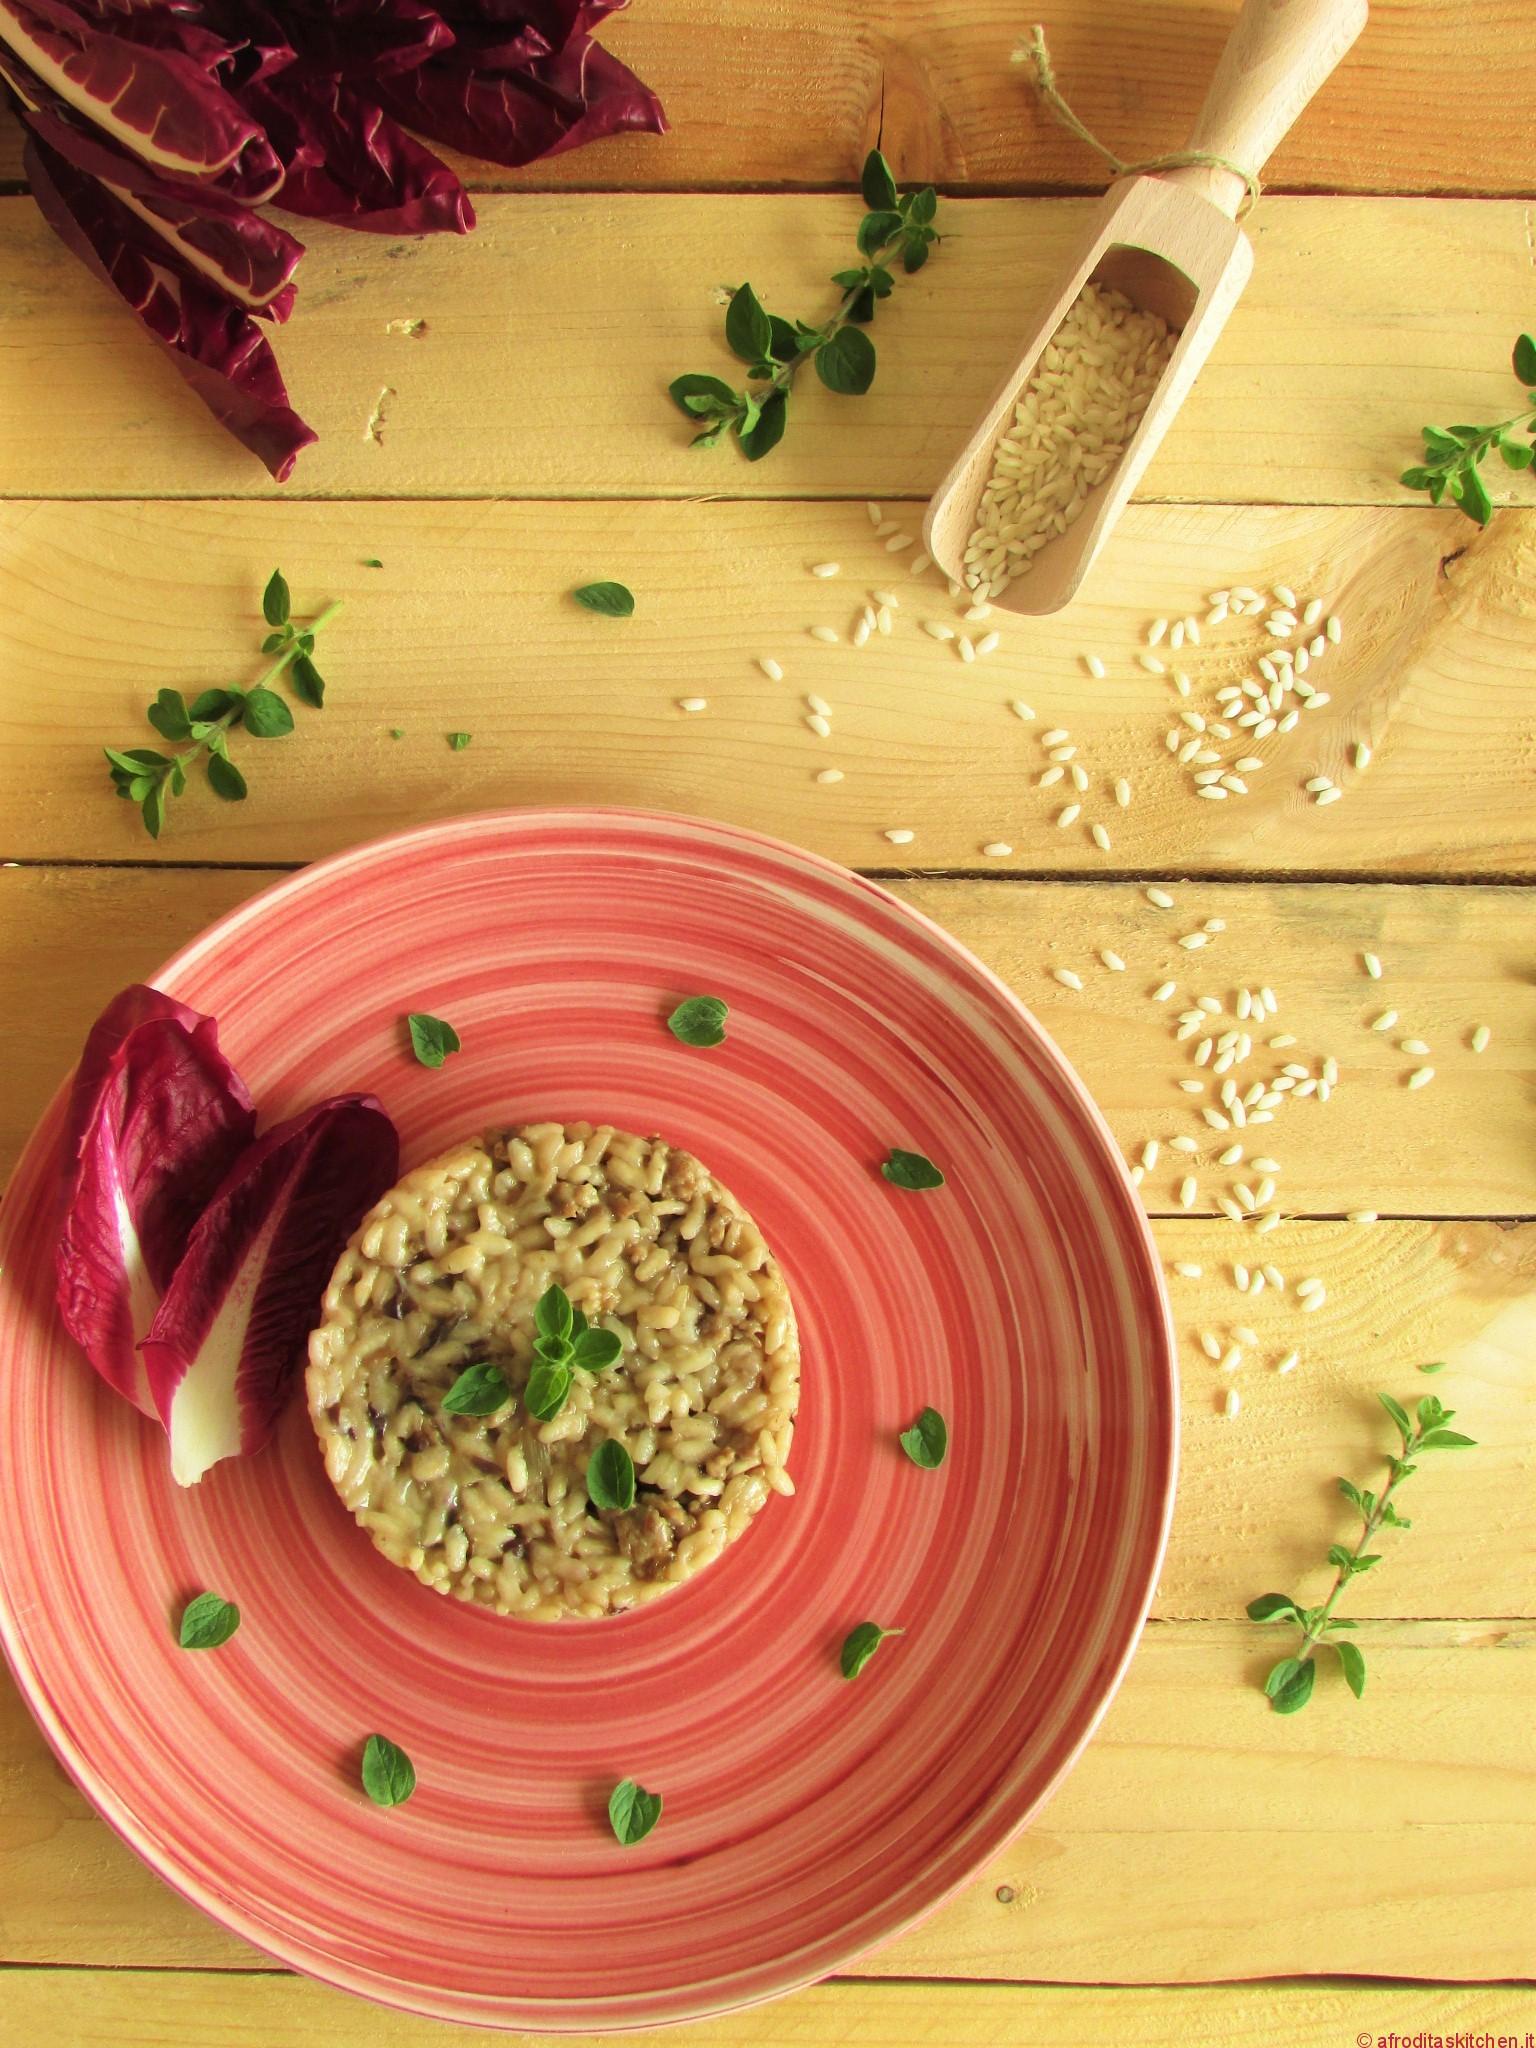 Risotto al radicchio rosso di Treviso e salsiccia